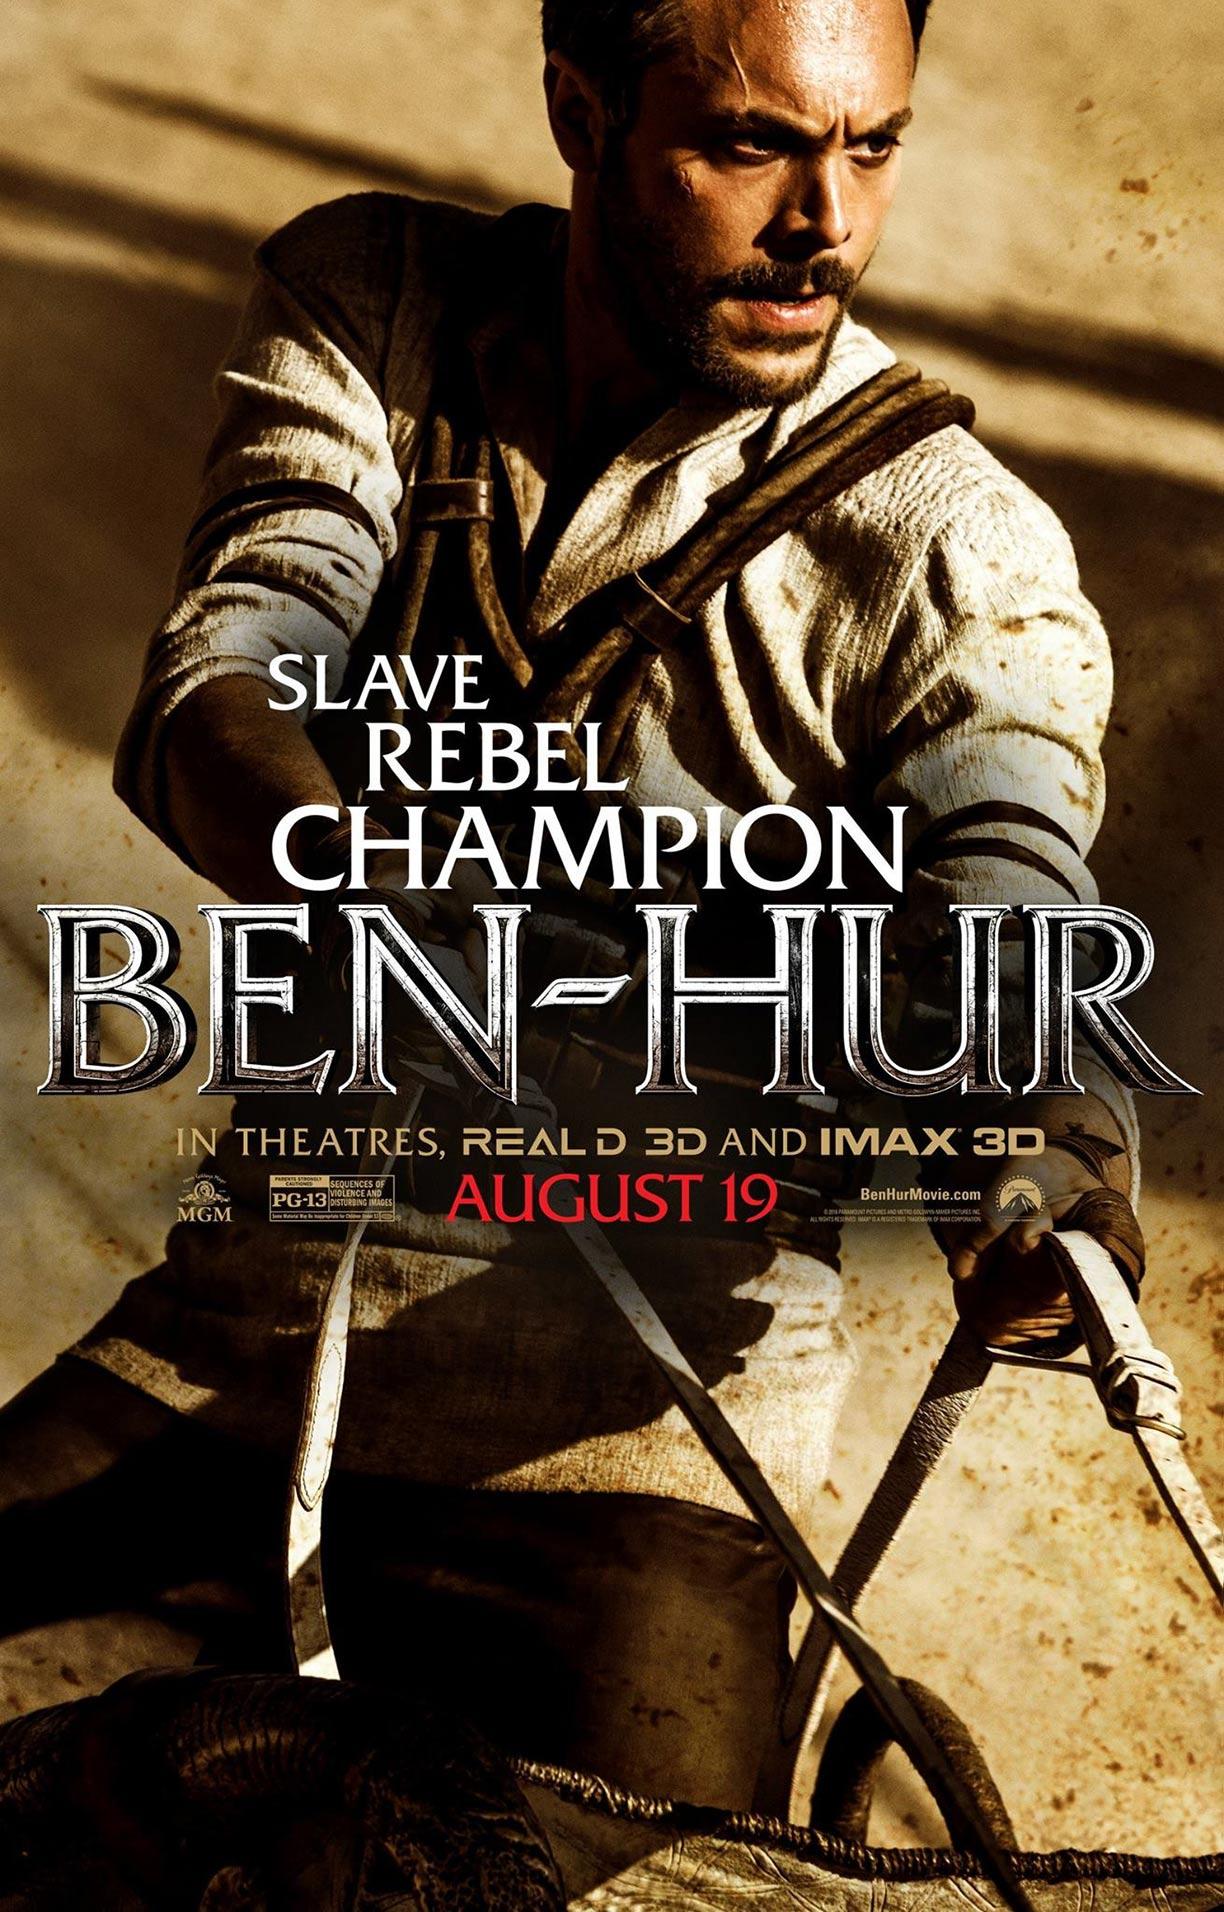 ben hur 2016 movie download free